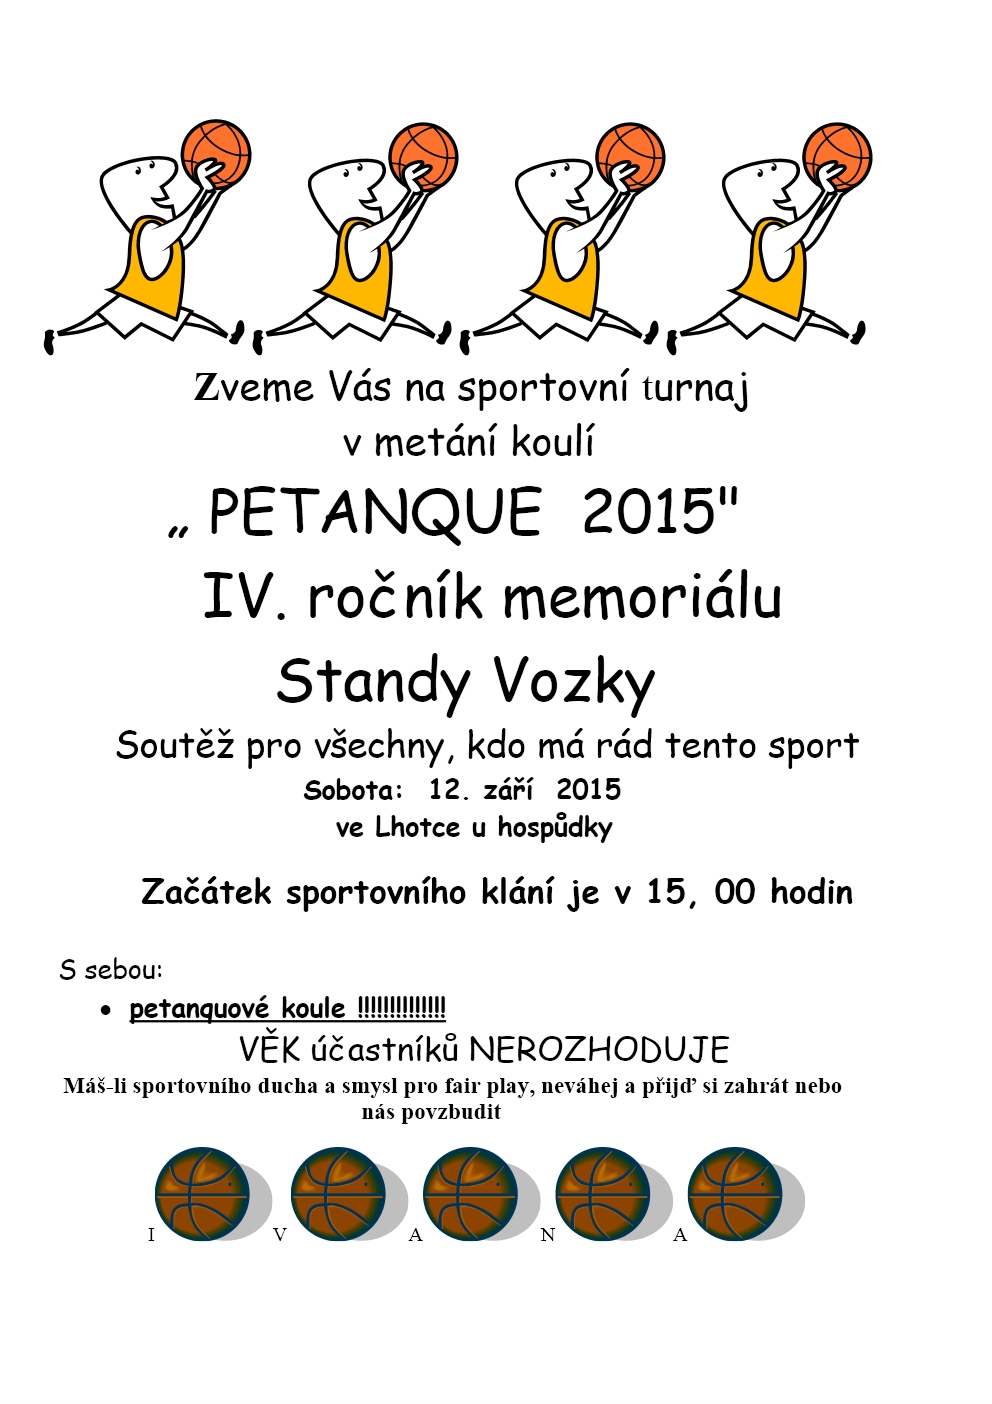 PETANQUE 2015 / IV. ročník memoriálu Standy Vozky